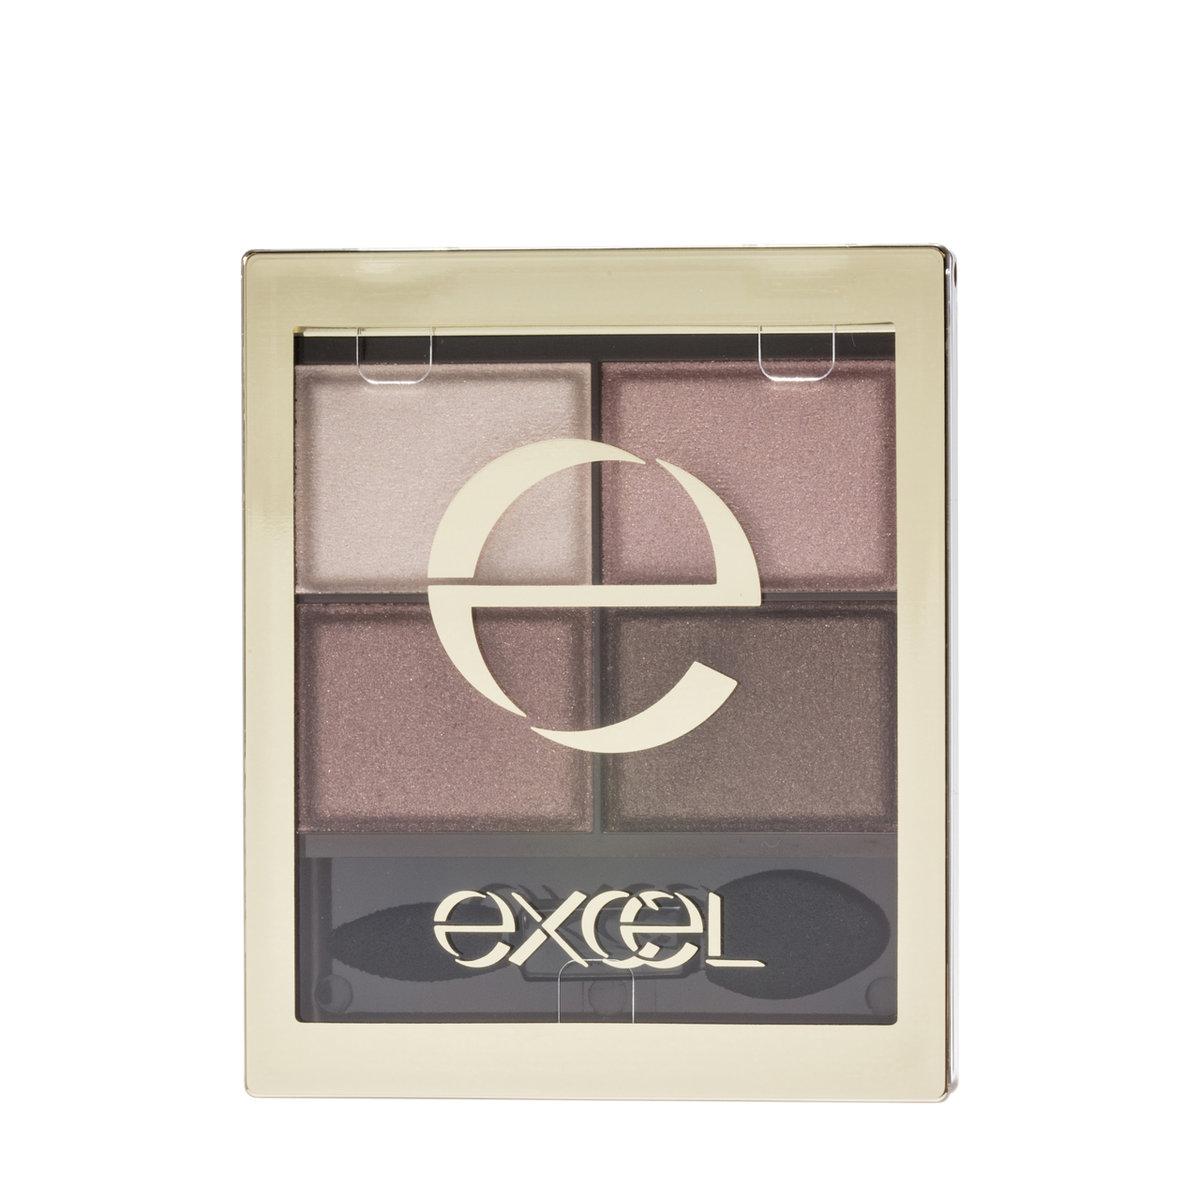 裸色深邃眼影 (SR06 酒紅啡) (莎莎獨家發售) (4.3克)